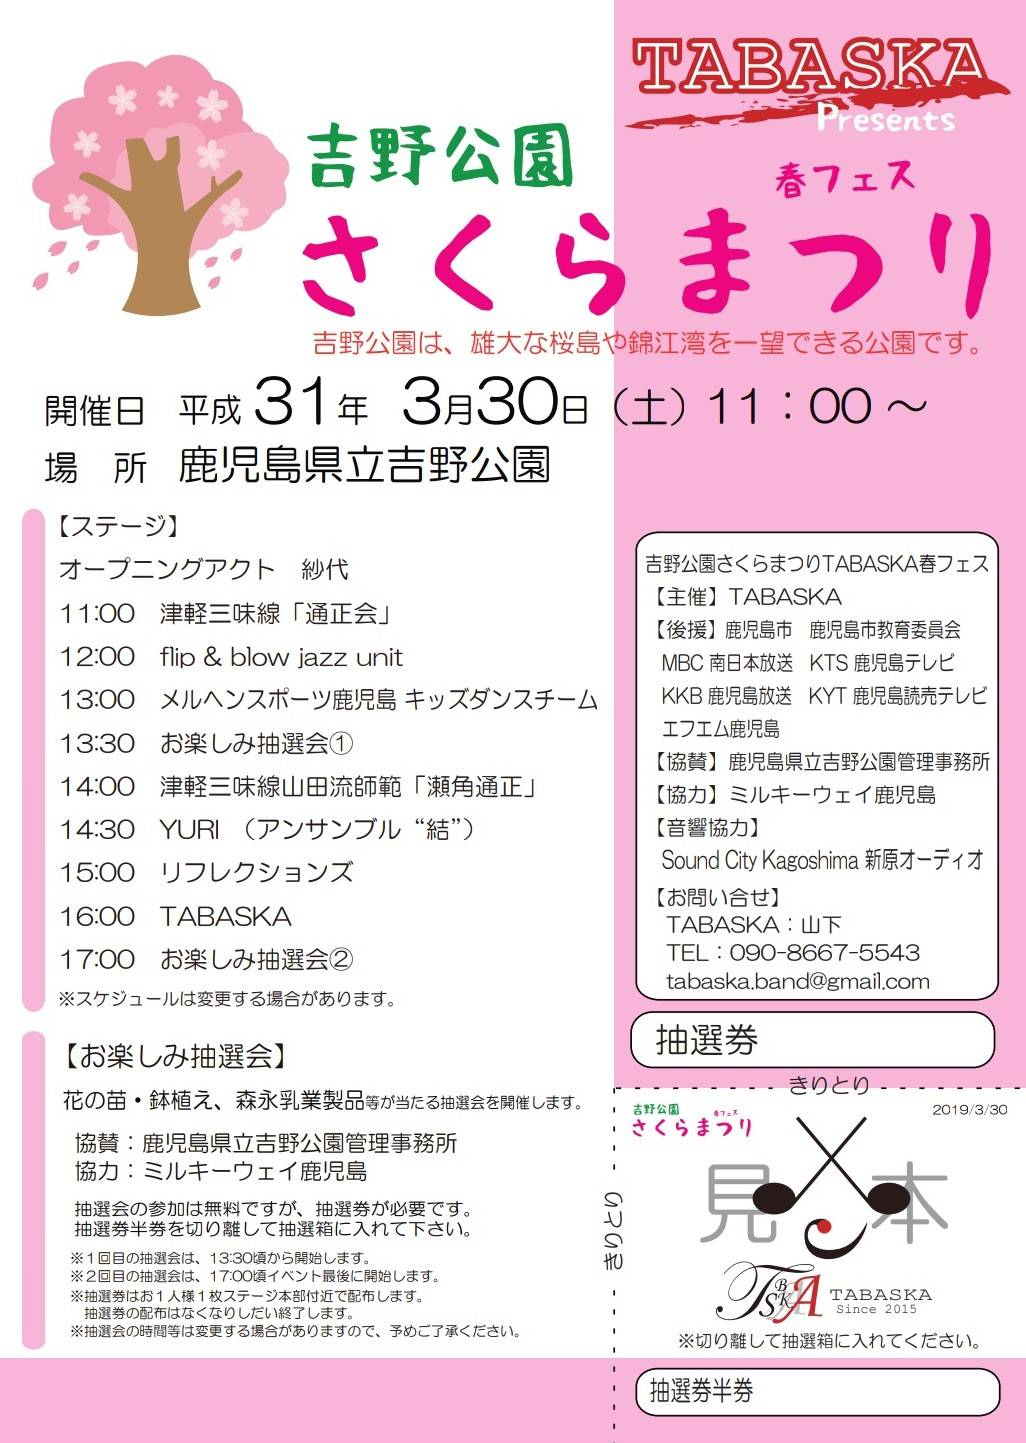 吉野公園さくらまつり TABASKA 春フェス